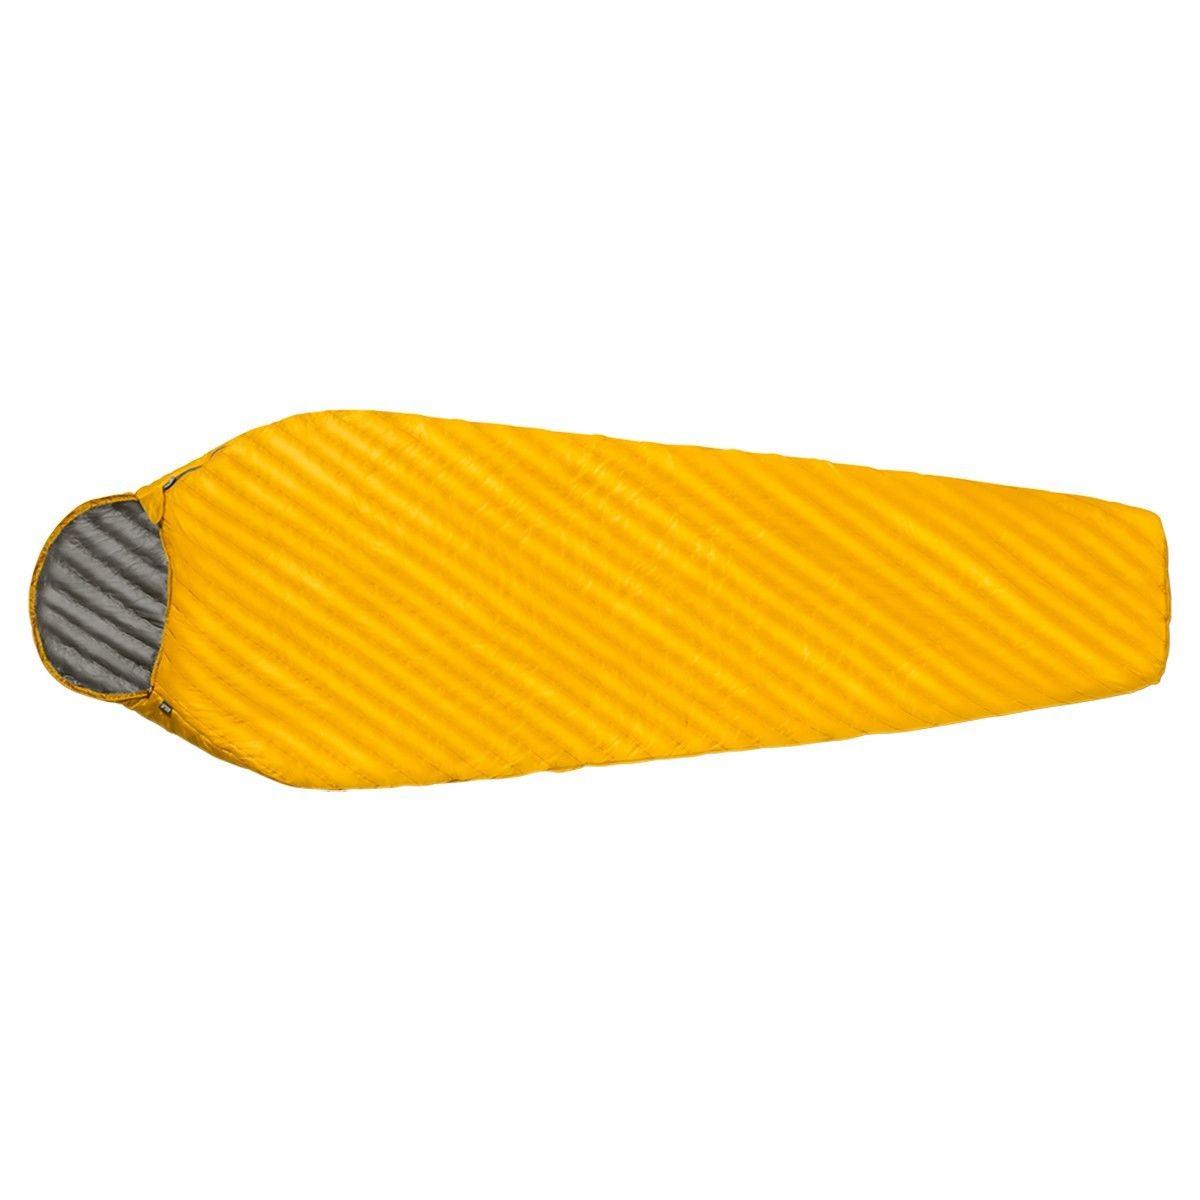 Jack Wolfskin Airflake 0 Large Gelb, Kunstfaserschlafsack, 225 cm -RV links